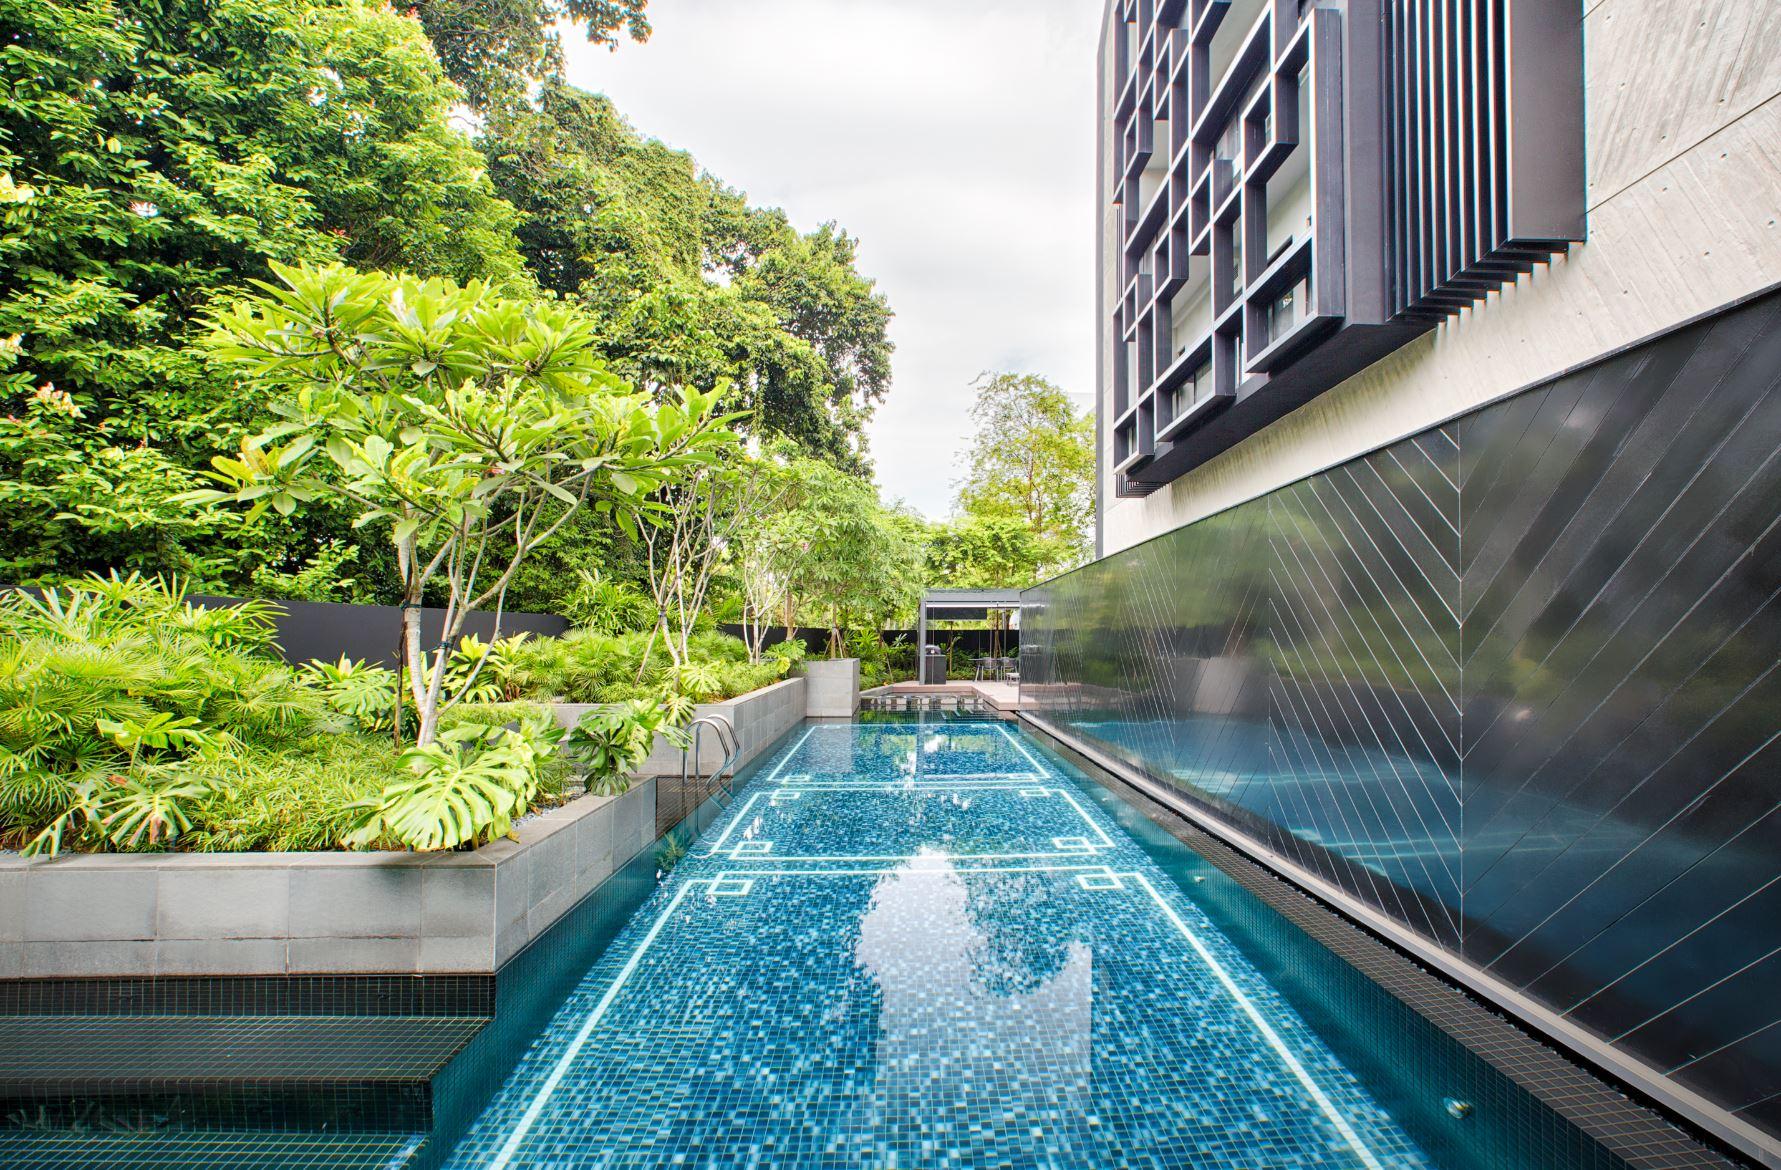 The Orient Pasir Panjang Freehold Apartment